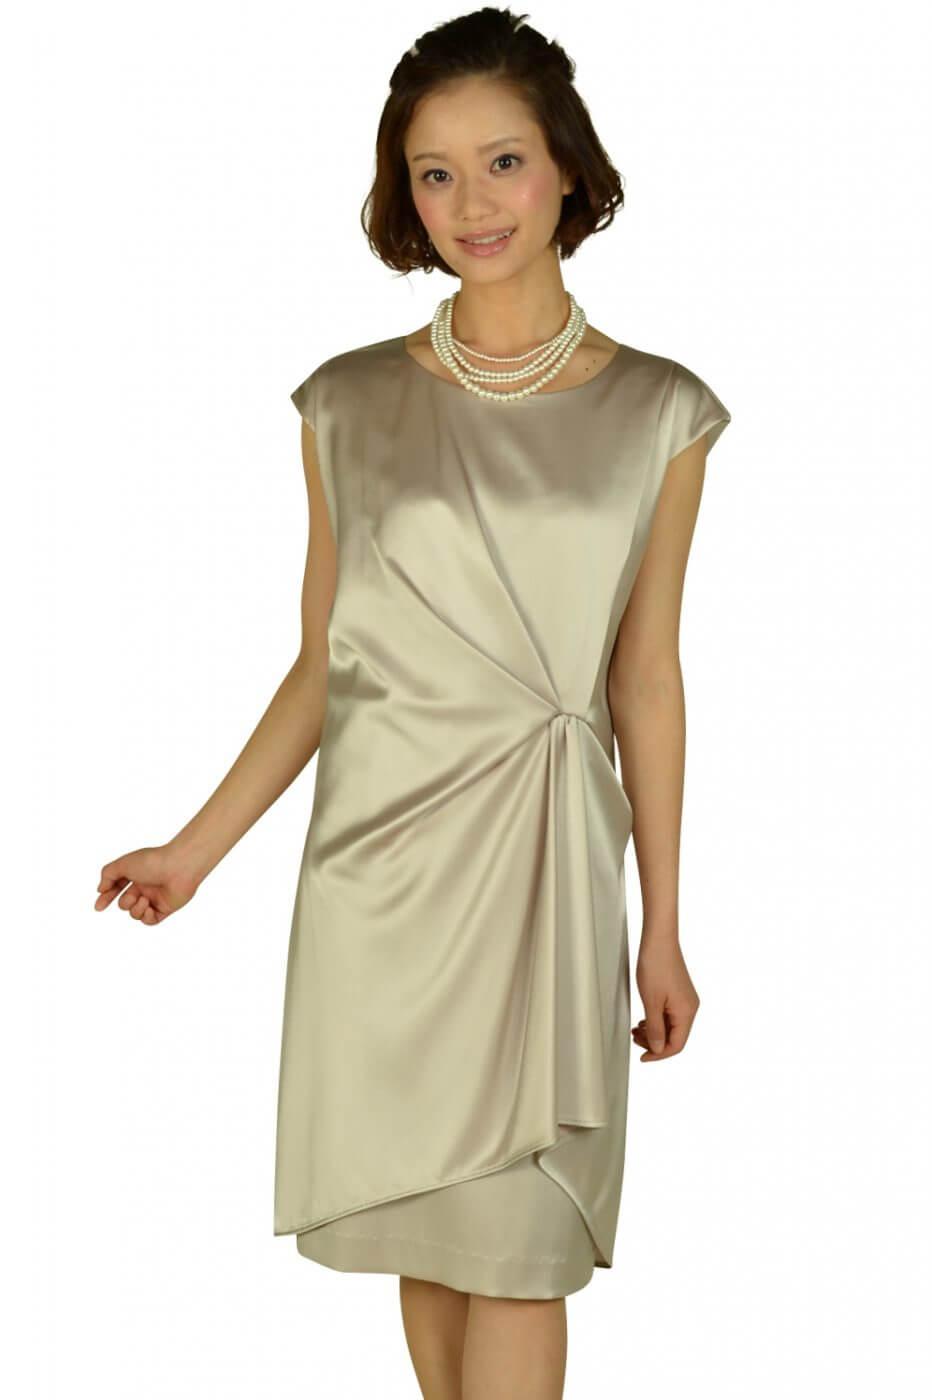 アンタイトル(UNTITLED)光沢シャンパンミニ袖ドレス